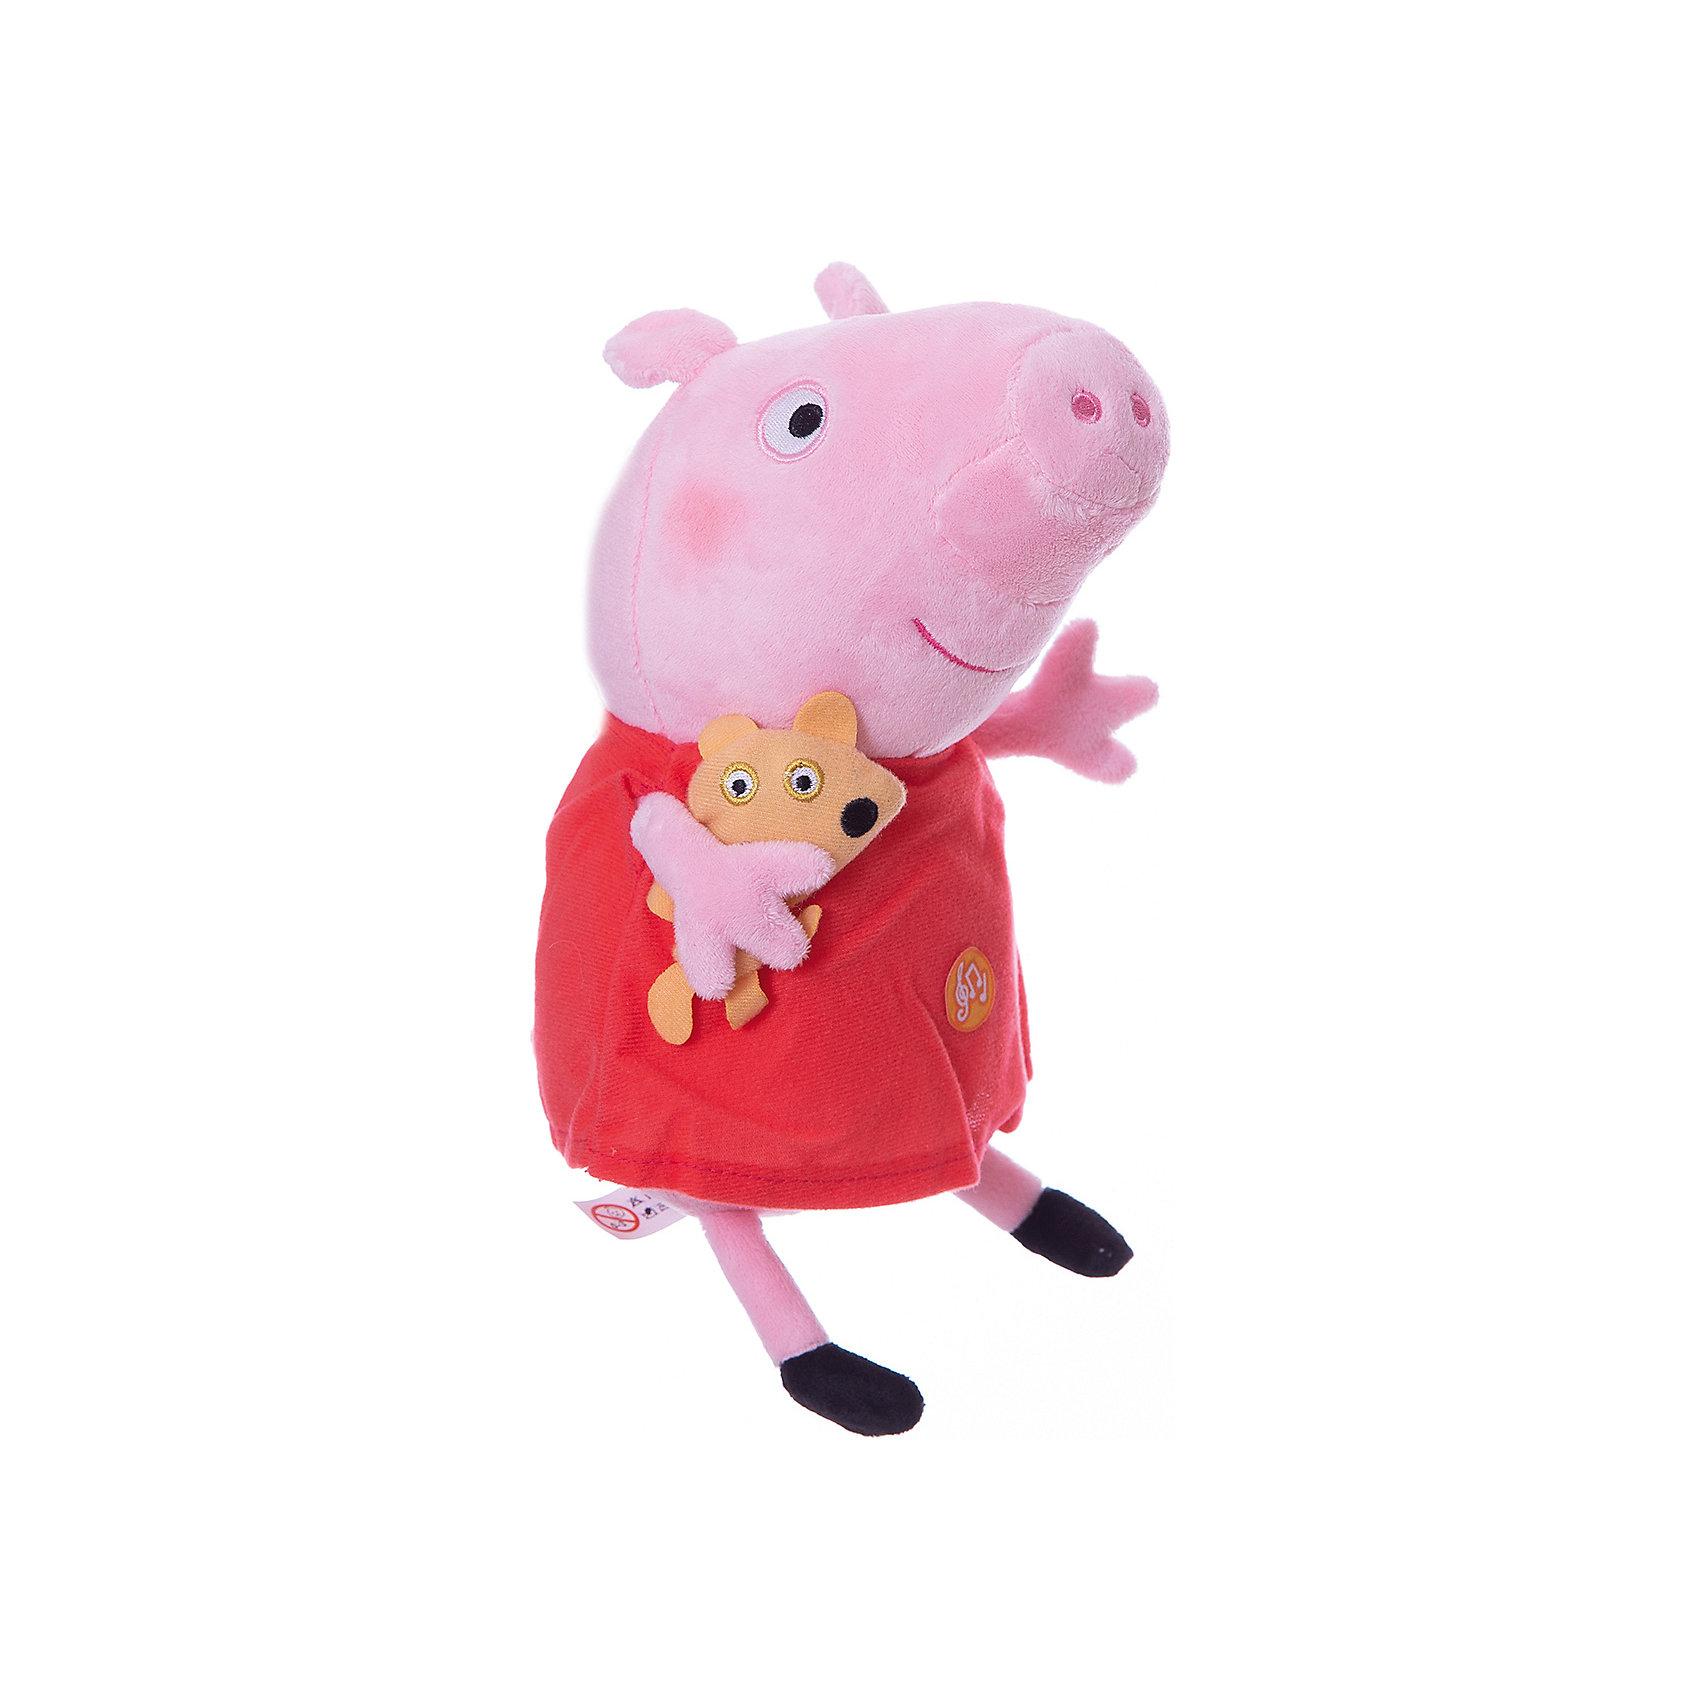 Пеппа с игрушкой, 30 см, со звуком, Свинка ПеппаЧто может быть лучше мягкого плюшевого друга? Только плюшевая героиня любимого мультфильма. Свинка Пеппа из одноименного анимационного сериала – как раз то, что нужно. Она мягкая и необыкновенно приятная на ощупь, так что обнимать Пеппу – одно удовольствие. Нажмите на животик, чтобы услышать музыкальное приветствие, 2 забавных стишка и веселую песенку из мультфильма. С такой очаровательной подругой малютке и играть весело, и спать сладко. Игра с Пеппой активно развивает у малыша воображение, тактильное восприятие и коммуникативные навыки. А если приобрести другие игрушки из серии «Peppa Pig», то ваш ребенок сможет оживить приключения любимых персонажей прямо у вас дома!&#13;<br><br>Дополнительная информация:<br><br>Мягкая озвученная игрушка «Пеппа с игрушкой» «Peppa Pig» имеет высоту 30 см (размер указан с ножками), изготовлена из мягкой, приятной на ощупь велюровой ткани, плотно набита.<br>Глаза и рот вышиты, под лапкой – медвежонок.<br>Игрушка работает от 4 батареек типа AG13 или LR44.<br><br>Пеппу с игрушкой, 30 см, со звуком, Свинка Пеппа можно купить в нашем магазине.<br><br>Ширина мм: 23<br>Глубина мм: 125<br>Высота мм: 110<br>Вес г: 169<br>Возраст от месяцев: 36<br>Возраст до месяцев: 84<br>Пол: Унисекс<br>Возраст: Детский<br>SKU: 4623380